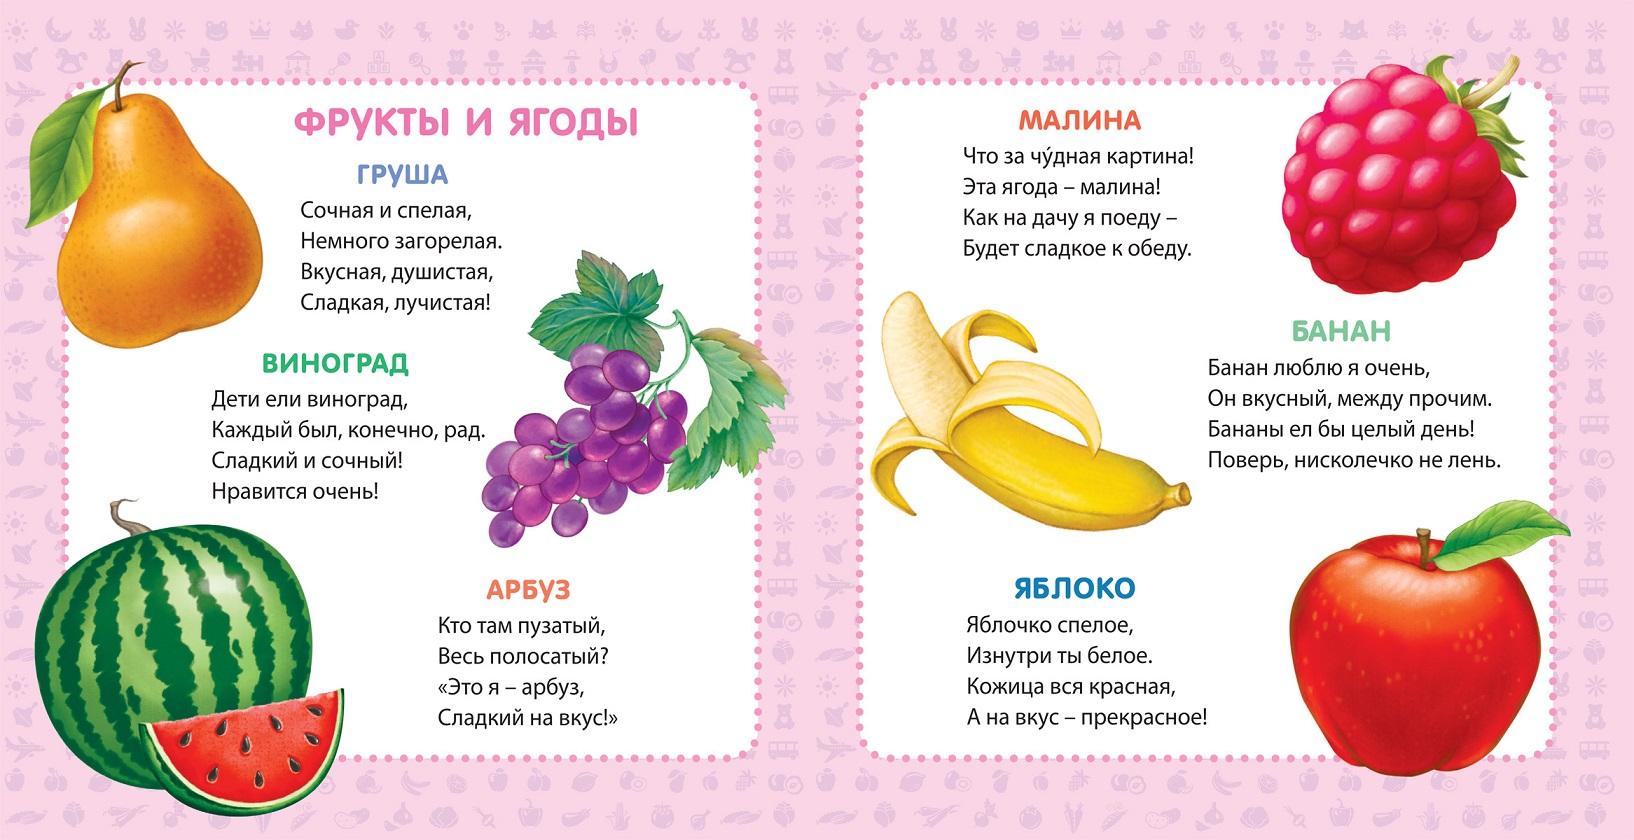 подтверждают многочисленные загадки о фруктах и ягодах с картинками архиве умолчанию представлена